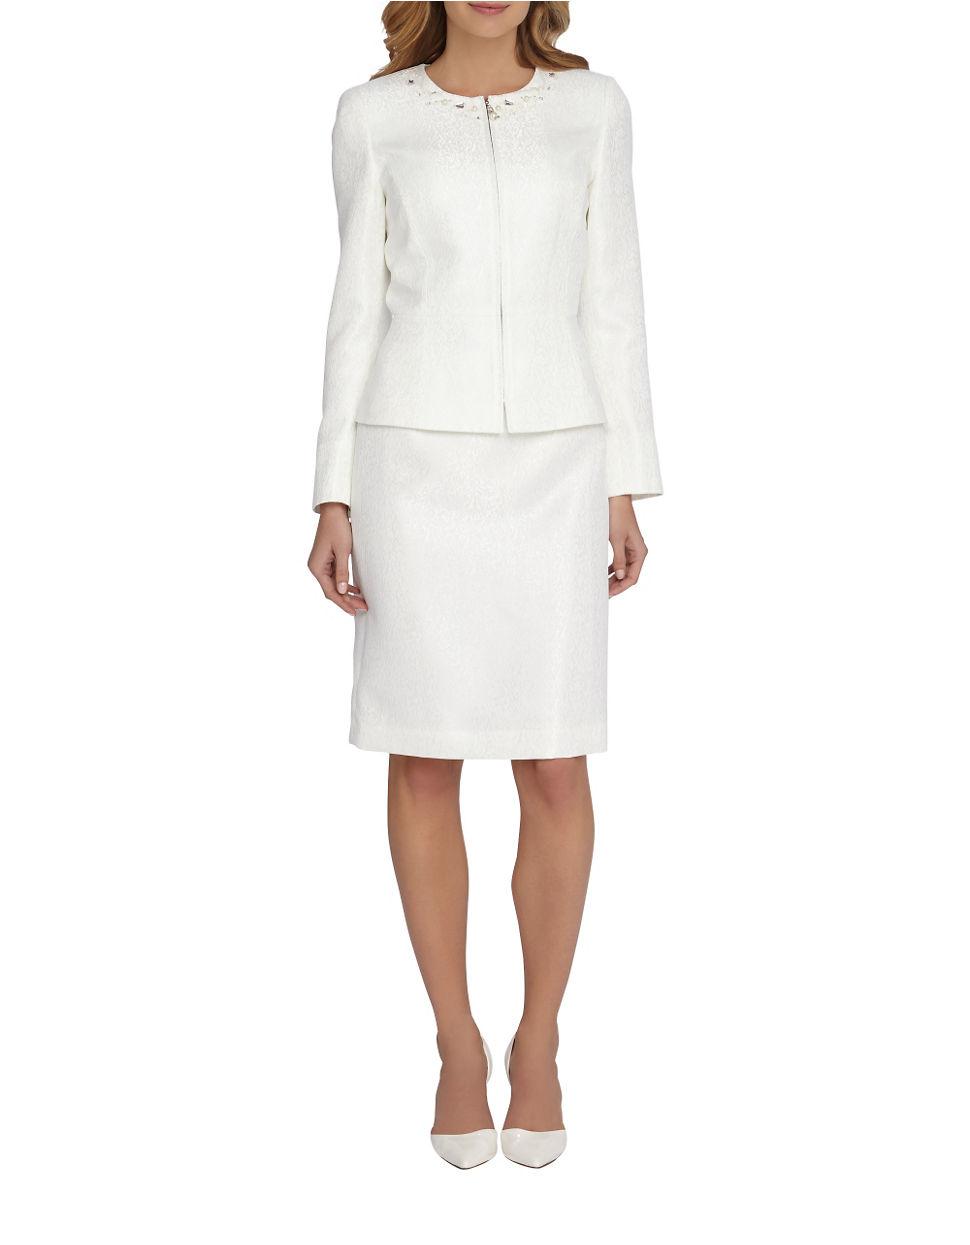 Tahari Plus 2-piece Beaded Jacket And Skirt Set - Lyst